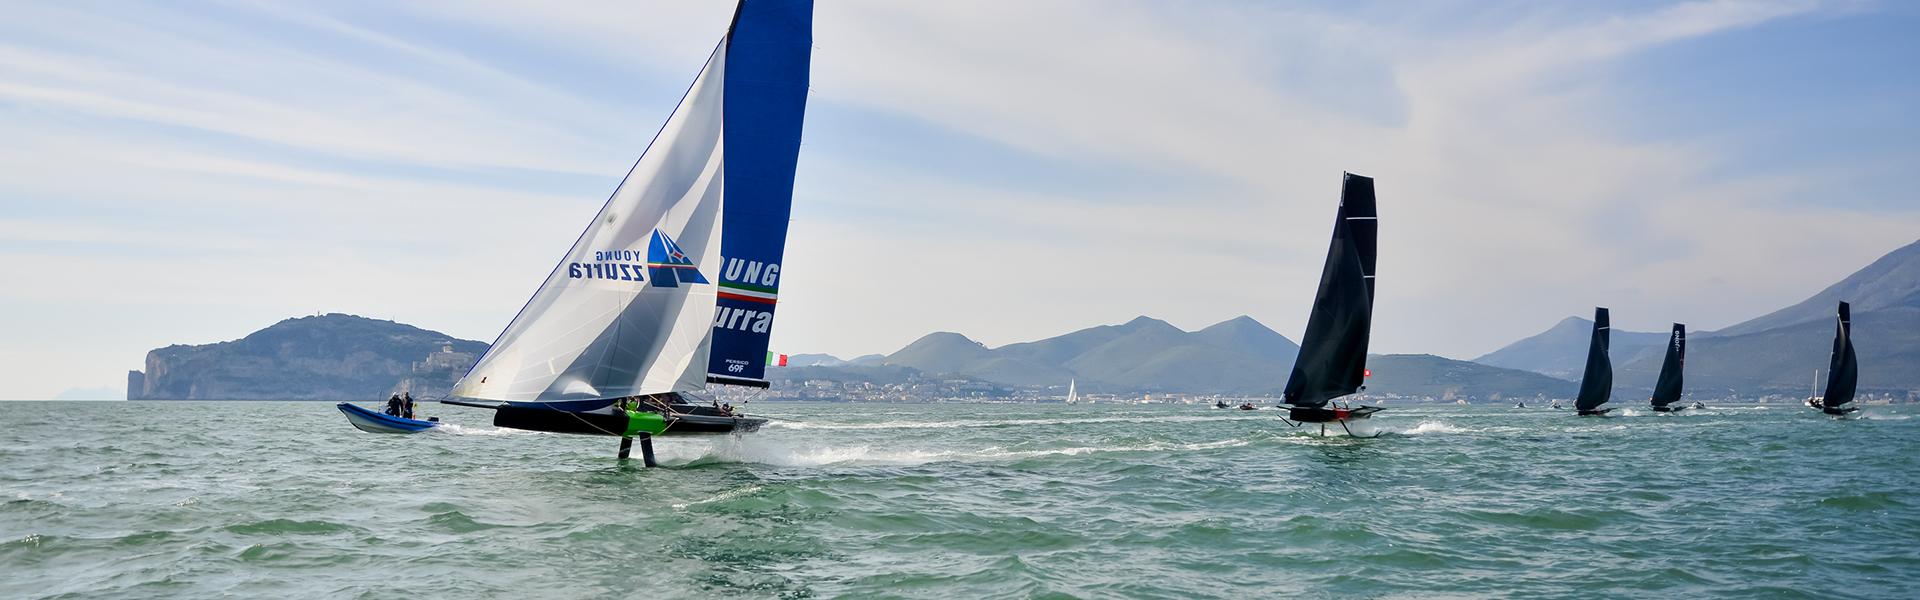 Grand Prix 2.1 -  Persico 69F  - Porto Cervo 2021